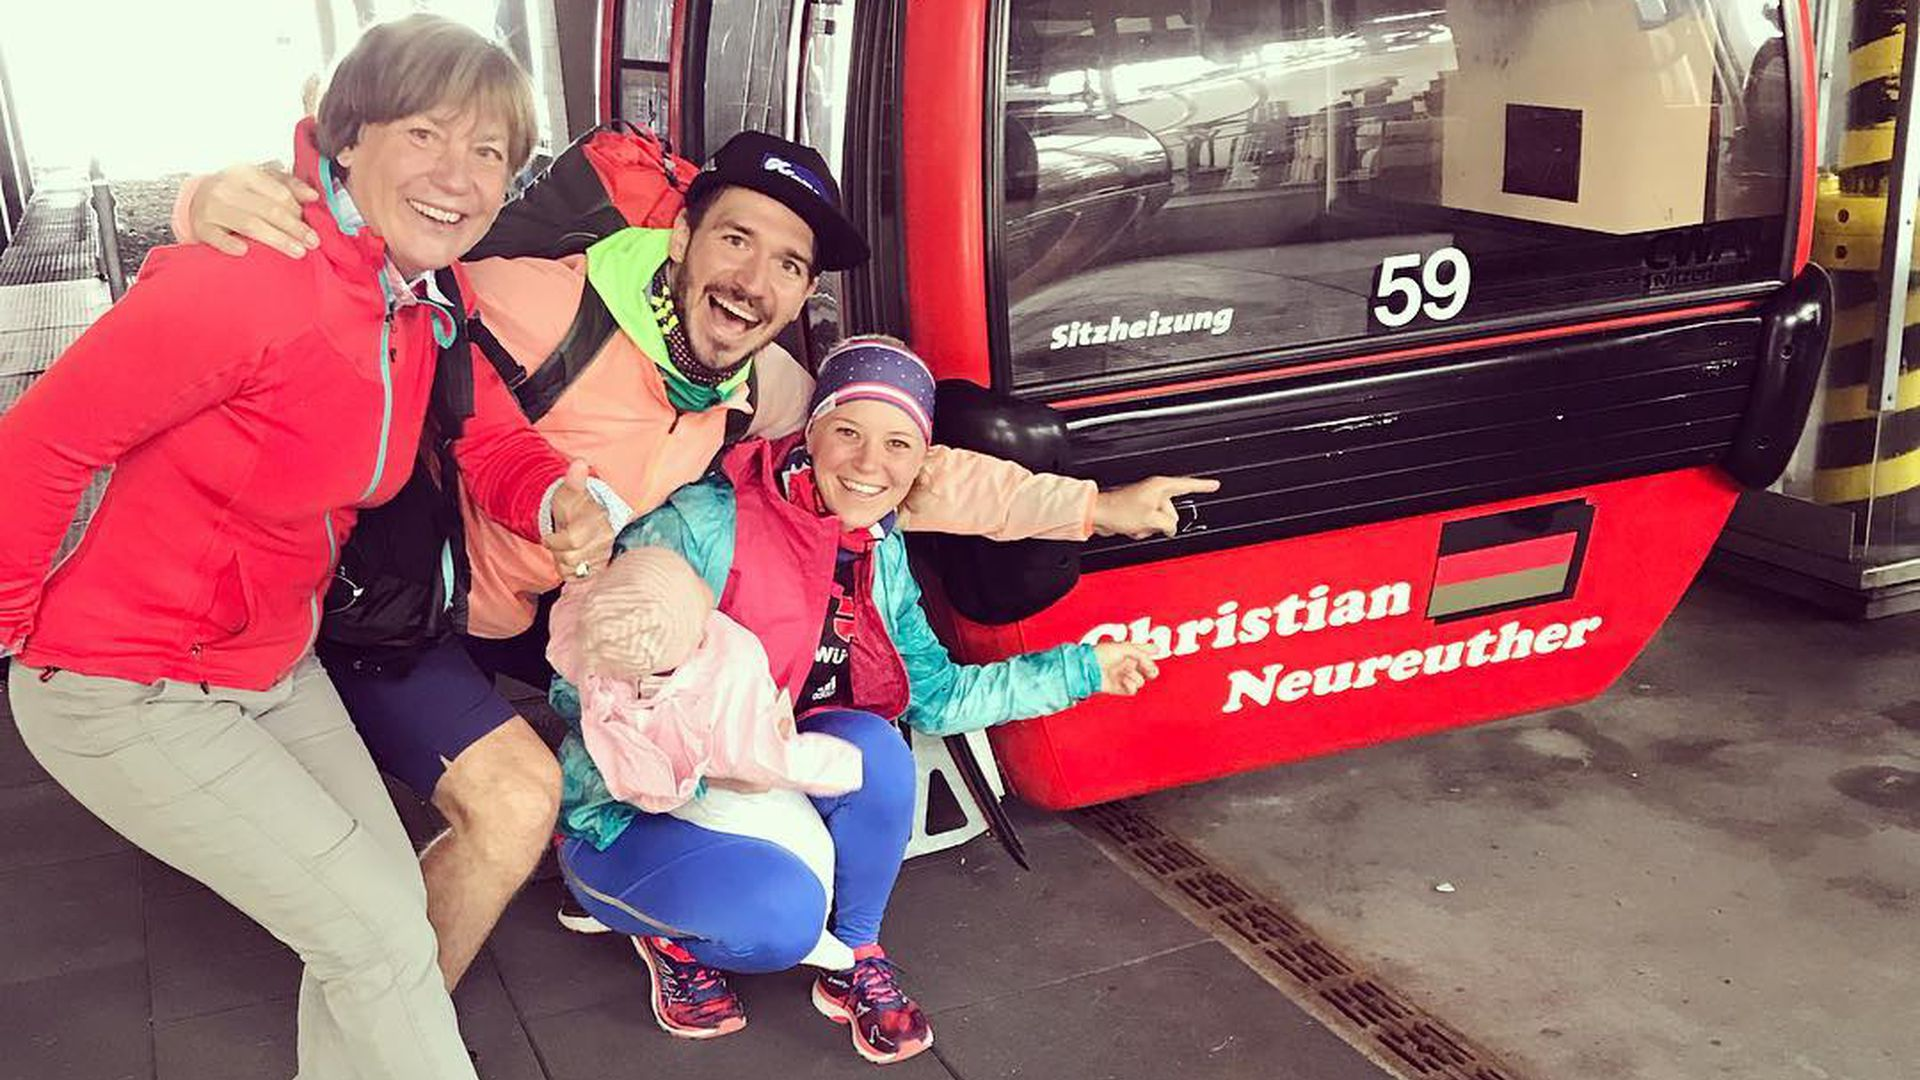 Drei-Generationen-Felix-Neureuther-mit-Family-unterwegs